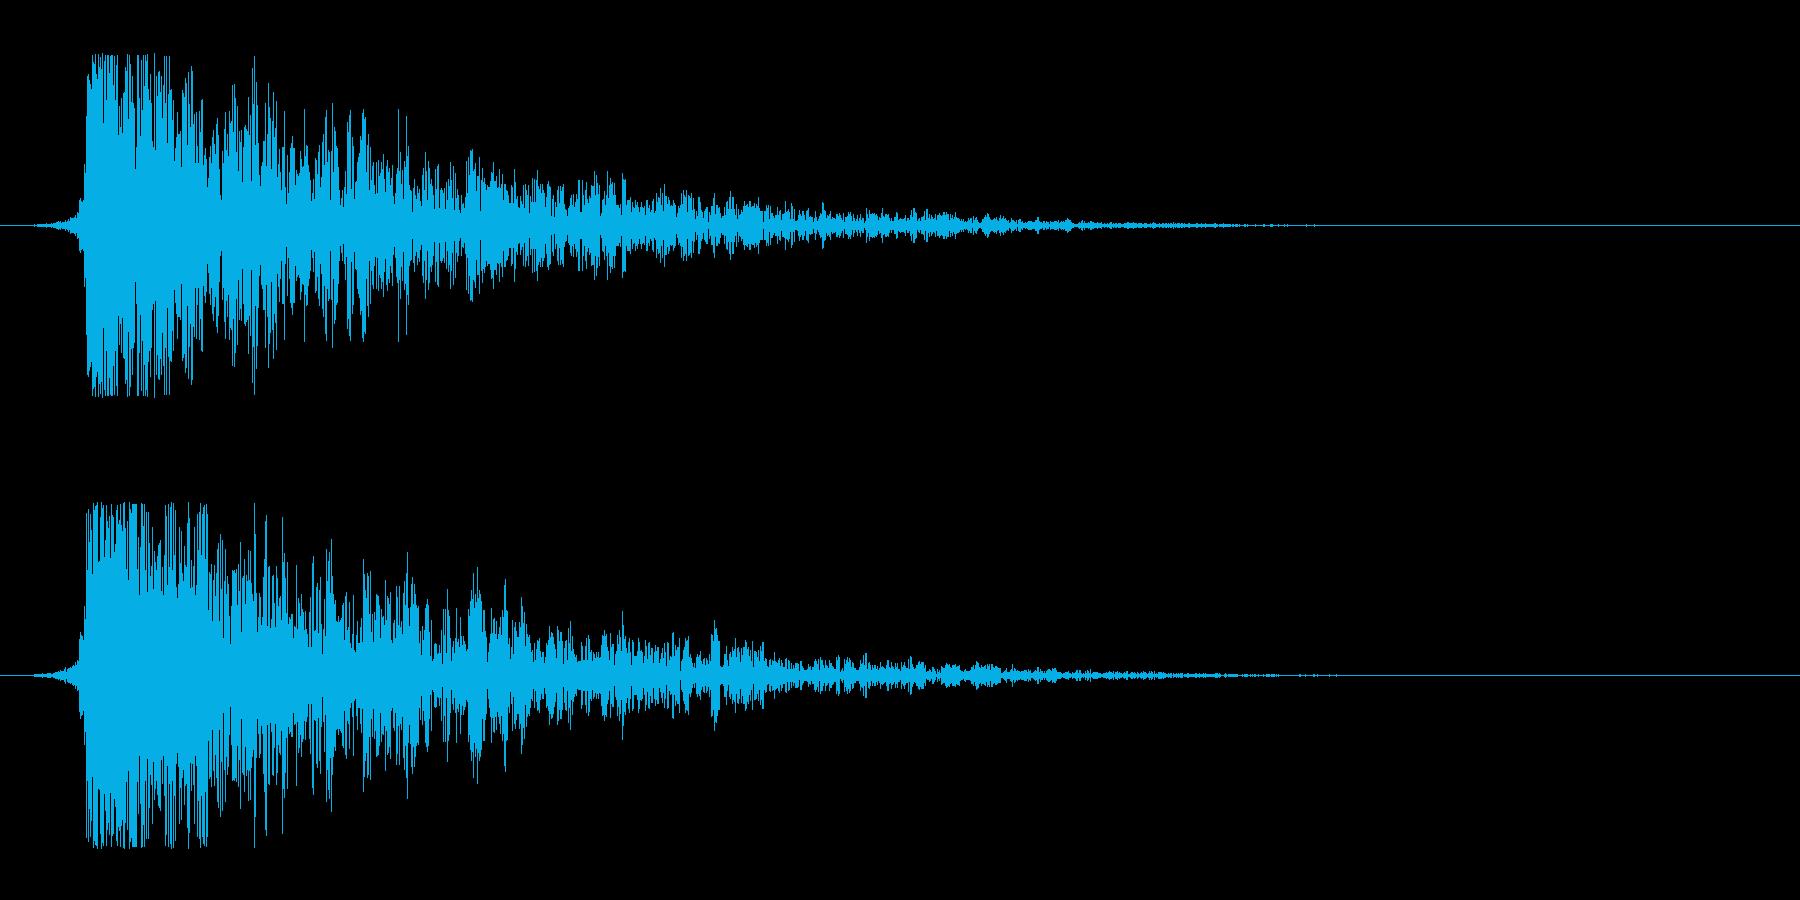 シュードーン-17(インパクト音)の再生済みの波形